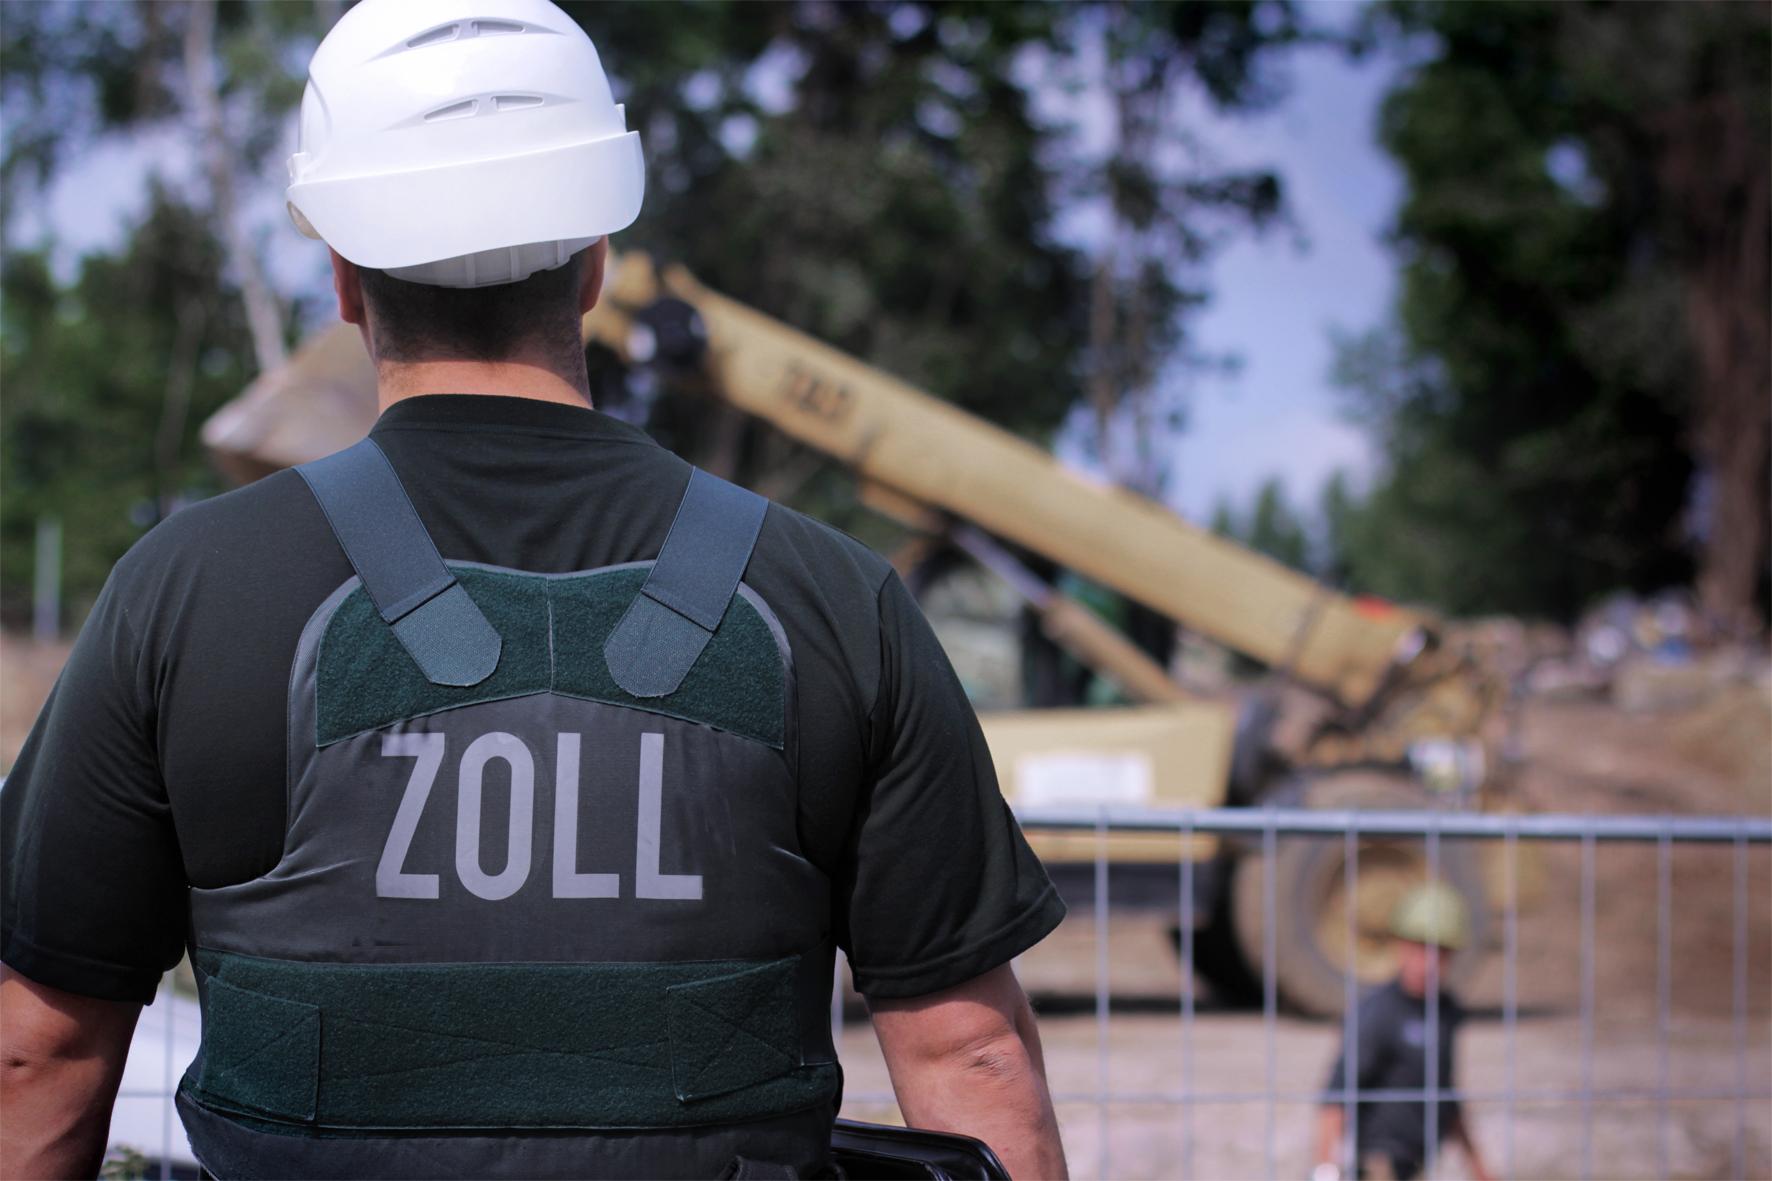 Schwarzarbeit und Sozialbetrug am Bau kosten Staat 9,7 Millionen Euro